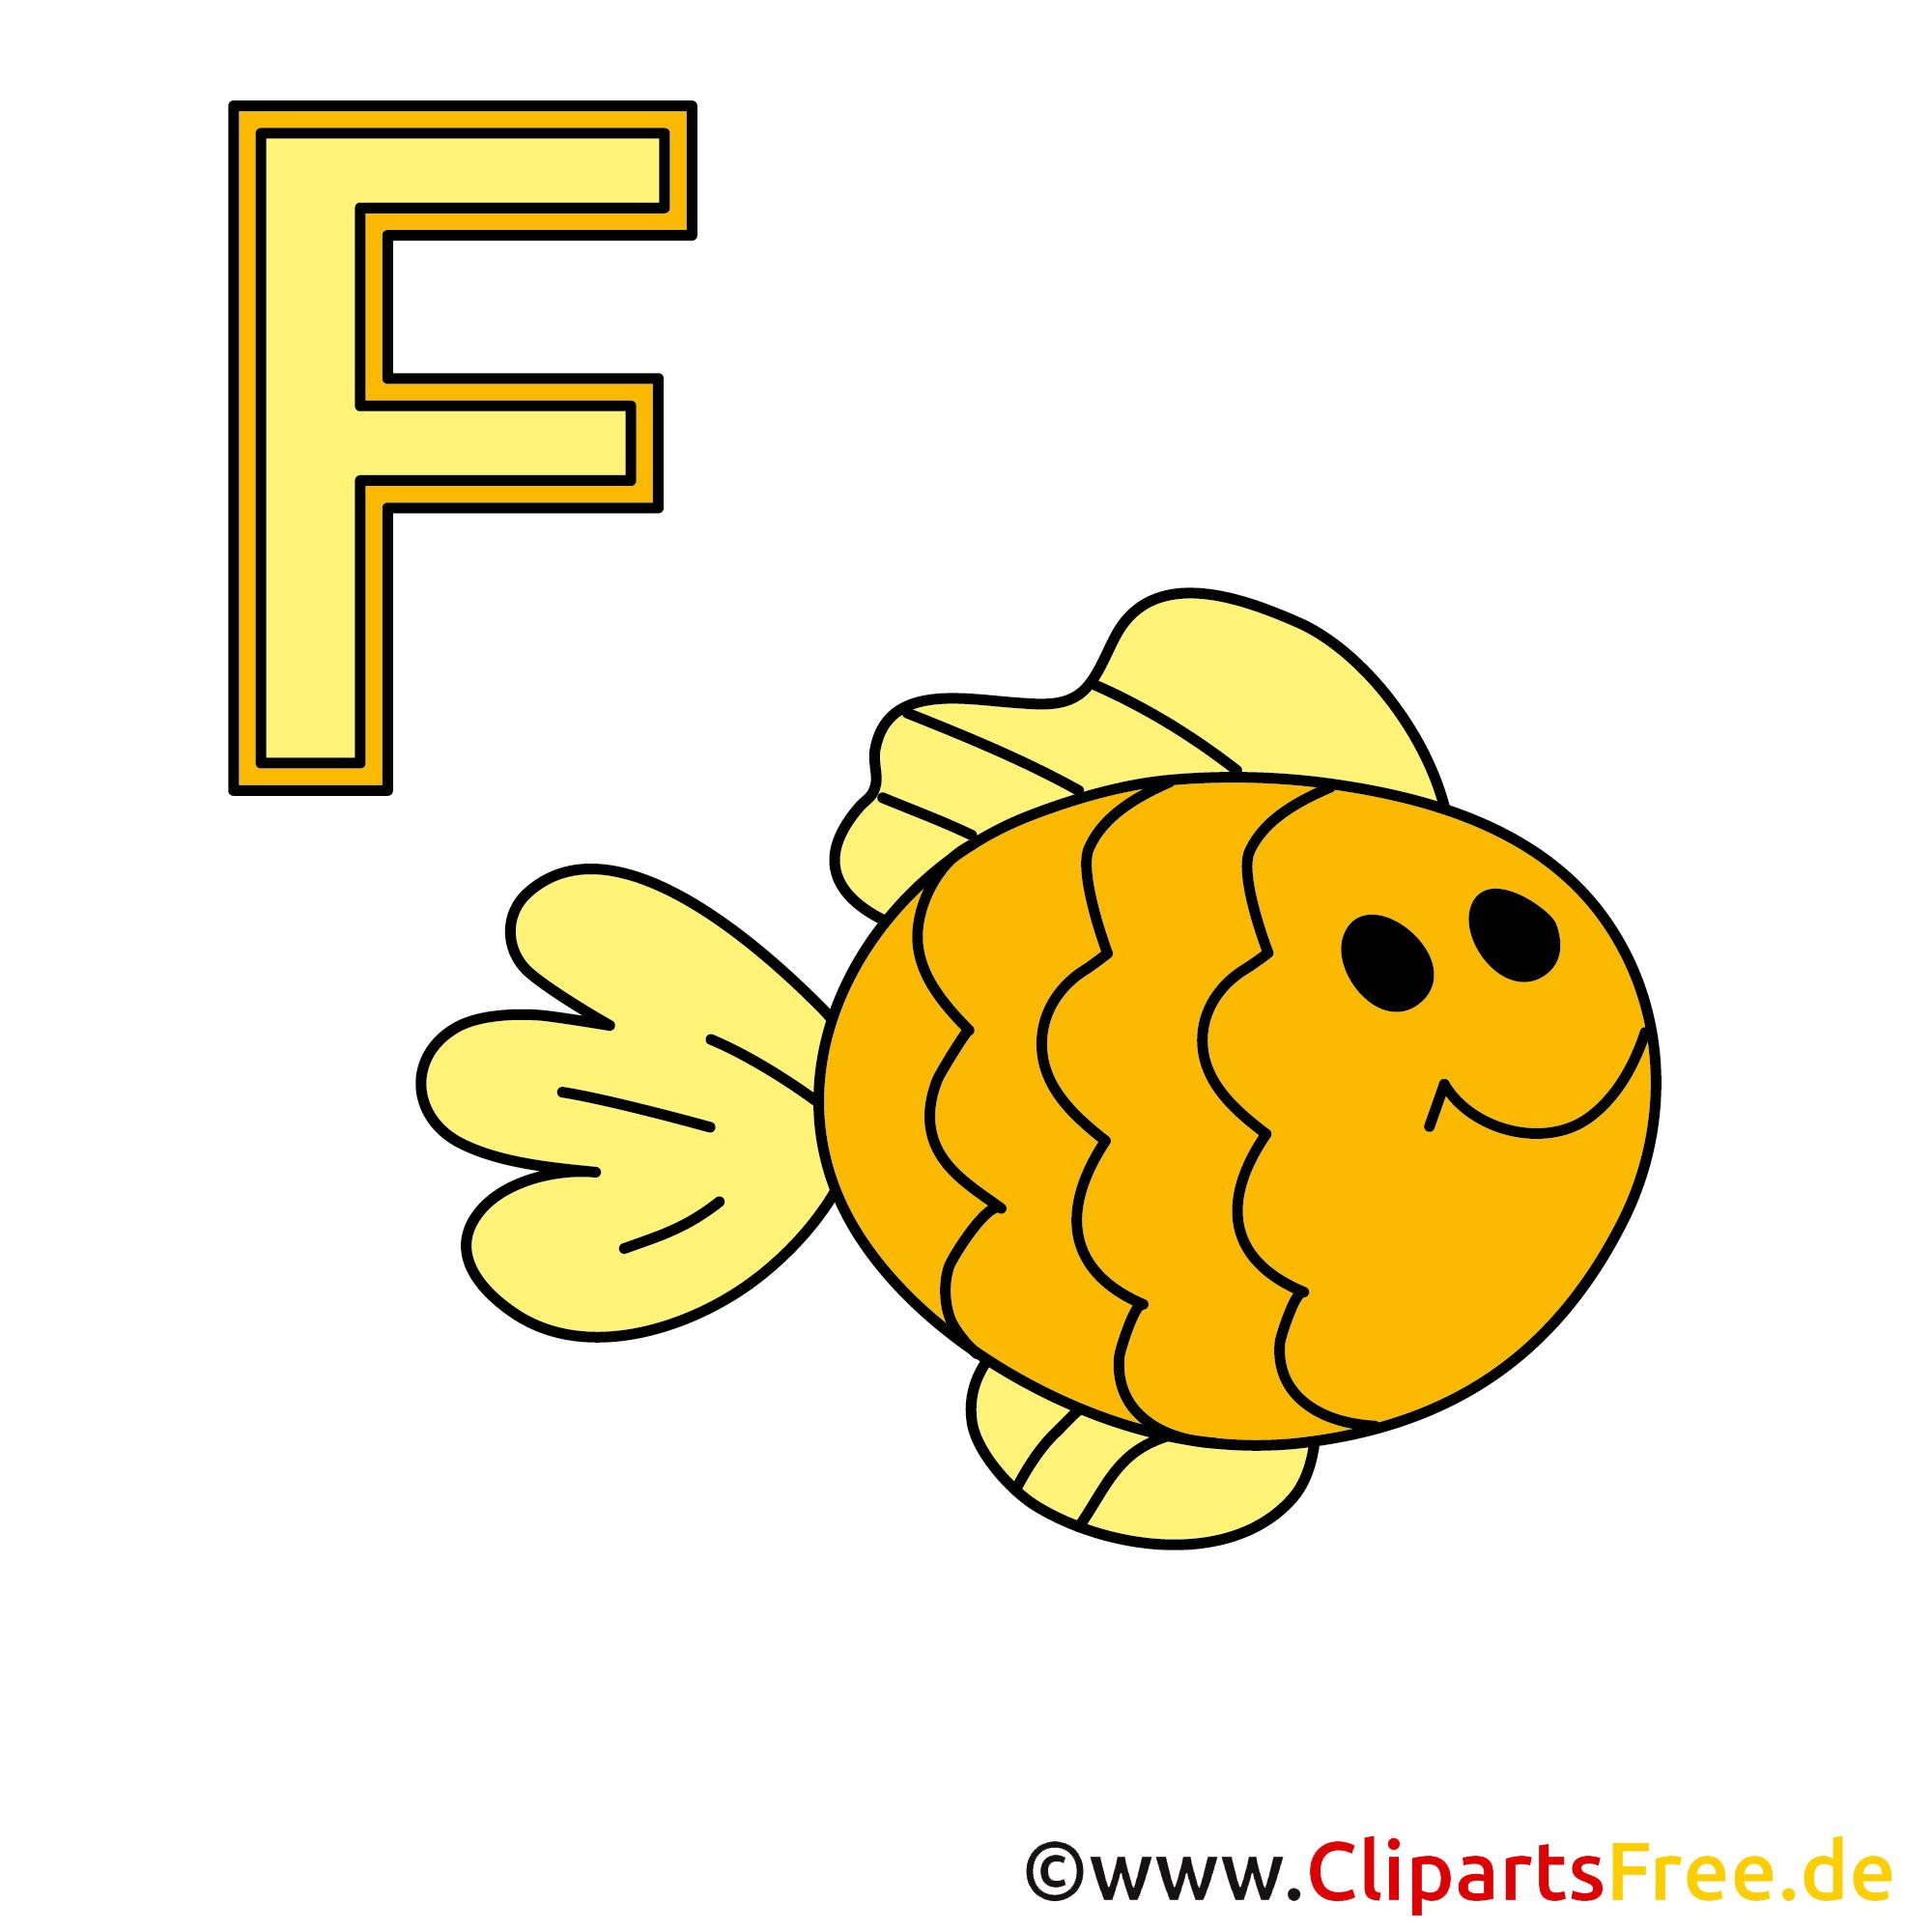 Alphabet lernen mit unseren Bildern - Fisch Bild